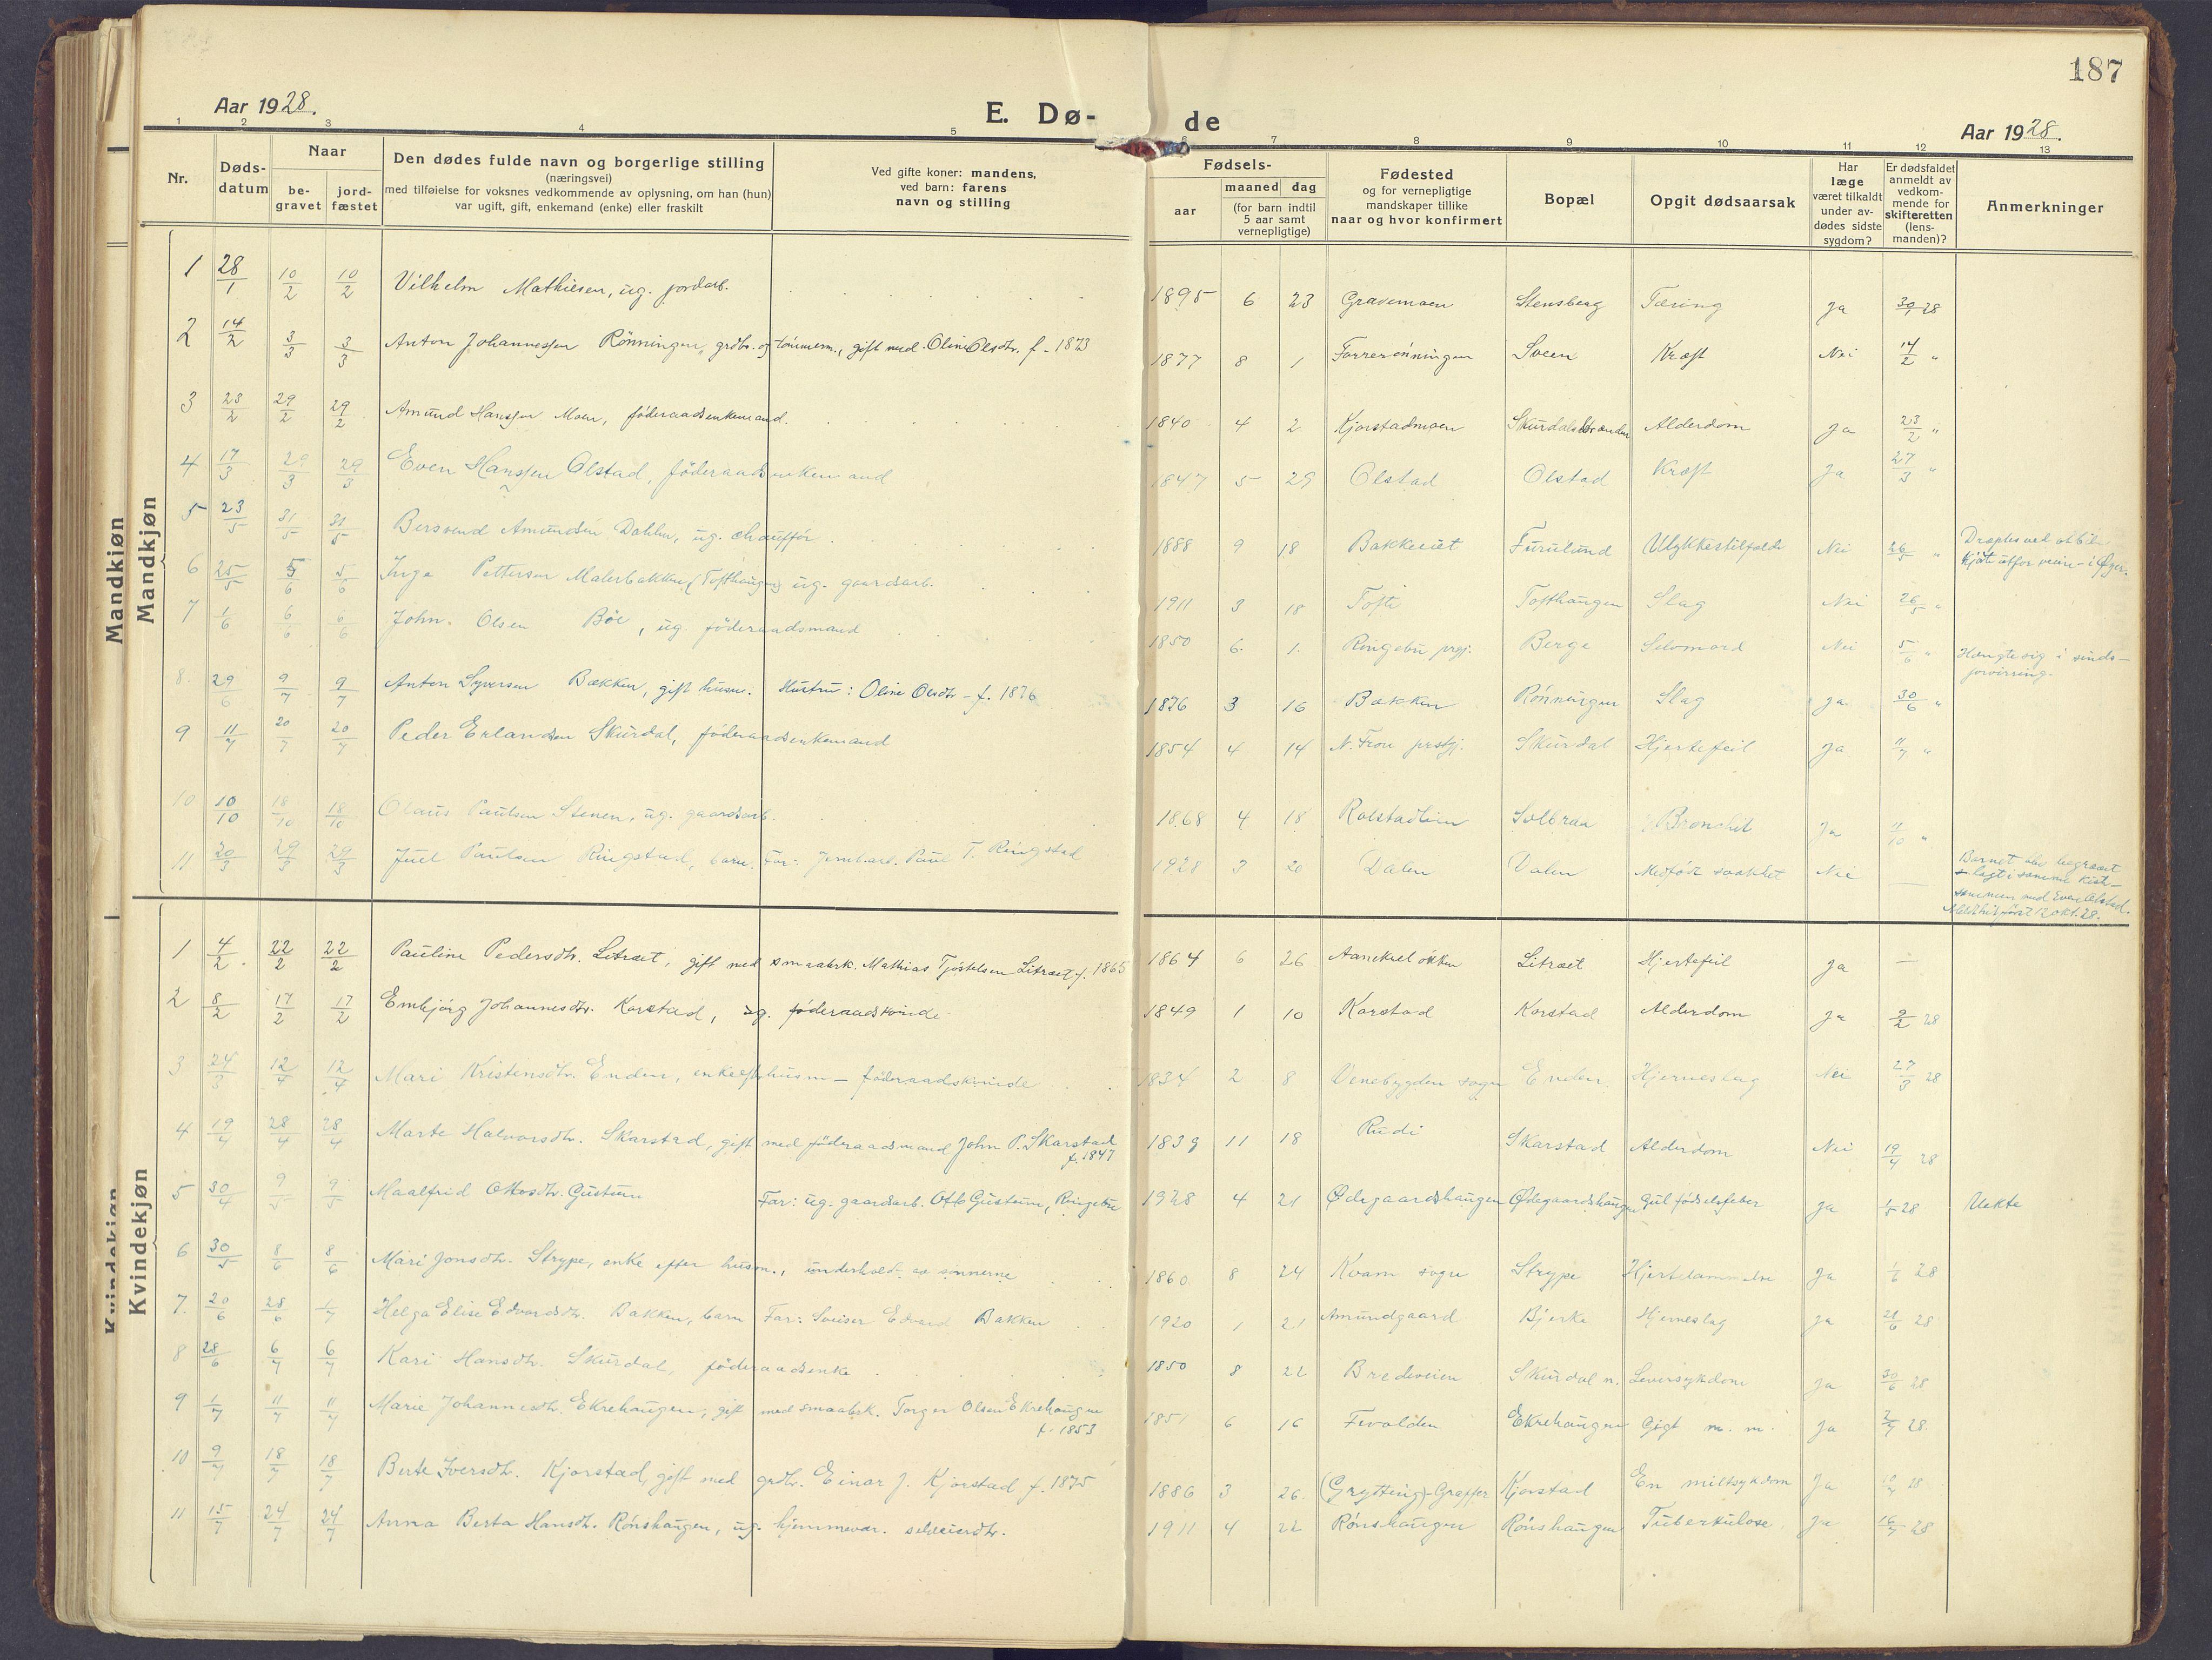 SAH, Sør-Fron prestekontor, H/Ha/Haa/L0005: Ministerialbok nr. 5, 1920-1933, s. 187